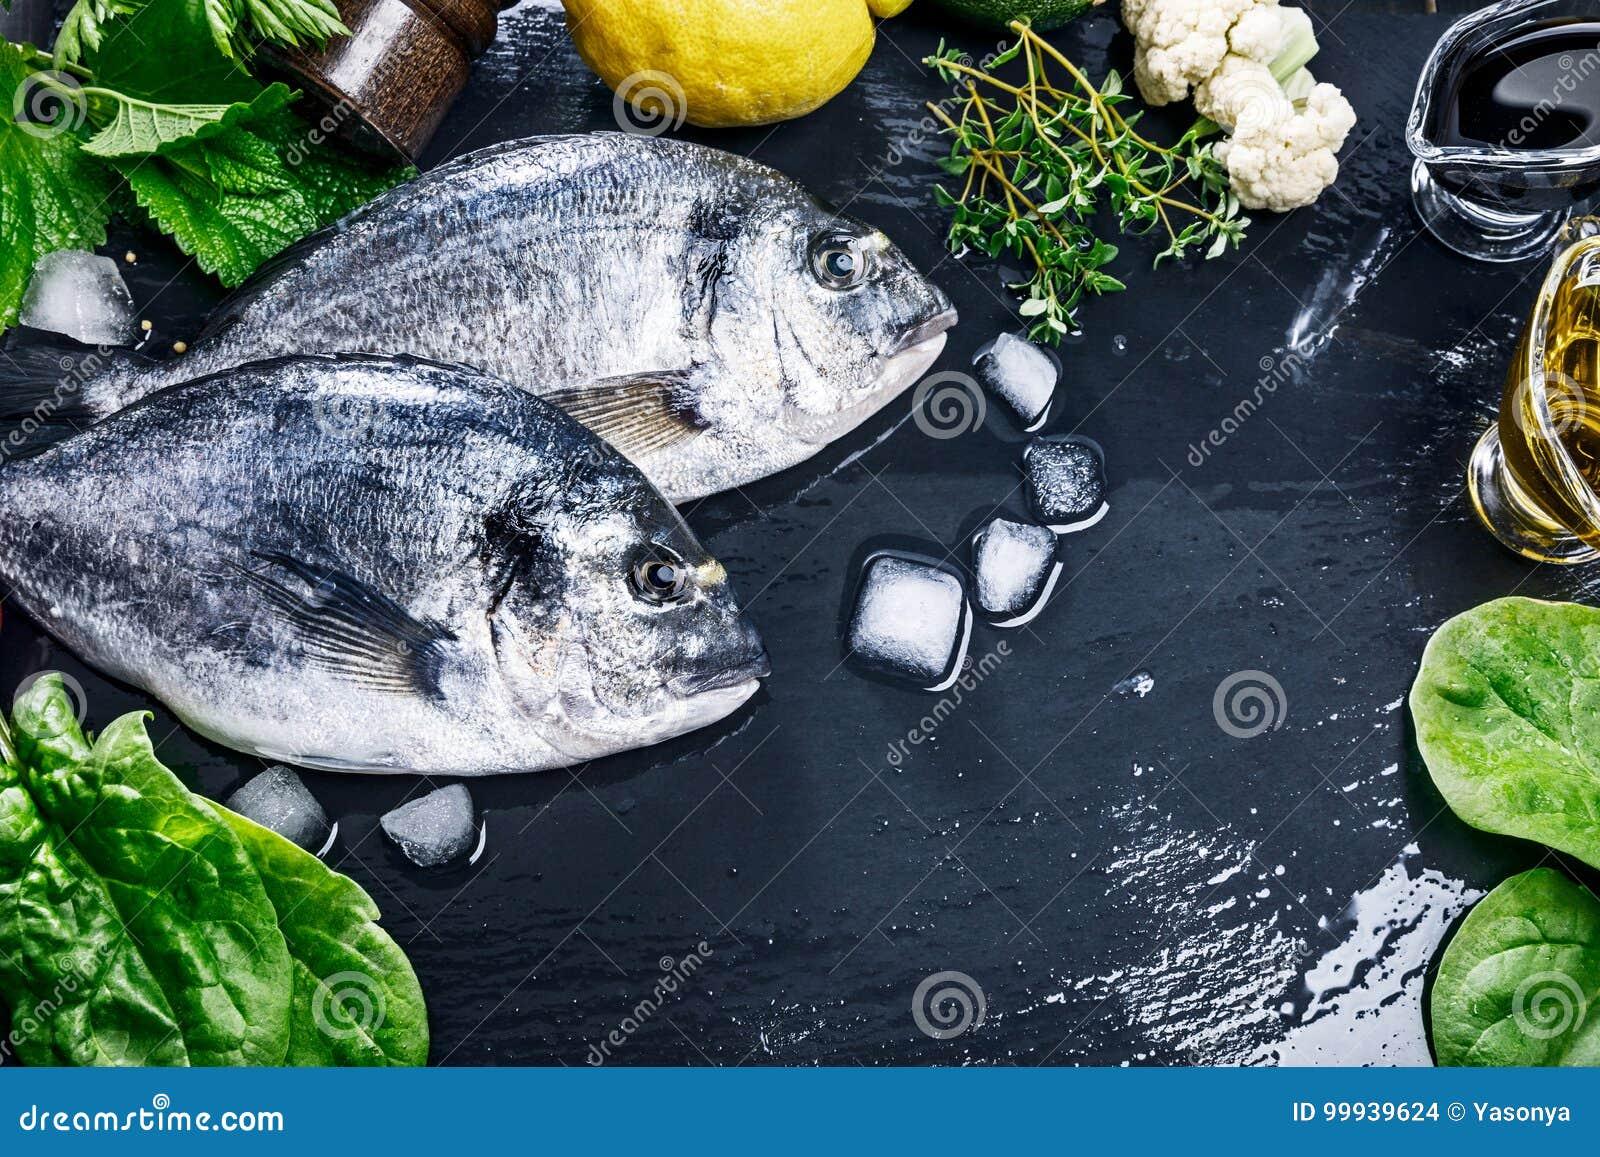 Hierba picante de la opinión superior del dorado de los pescados frescos